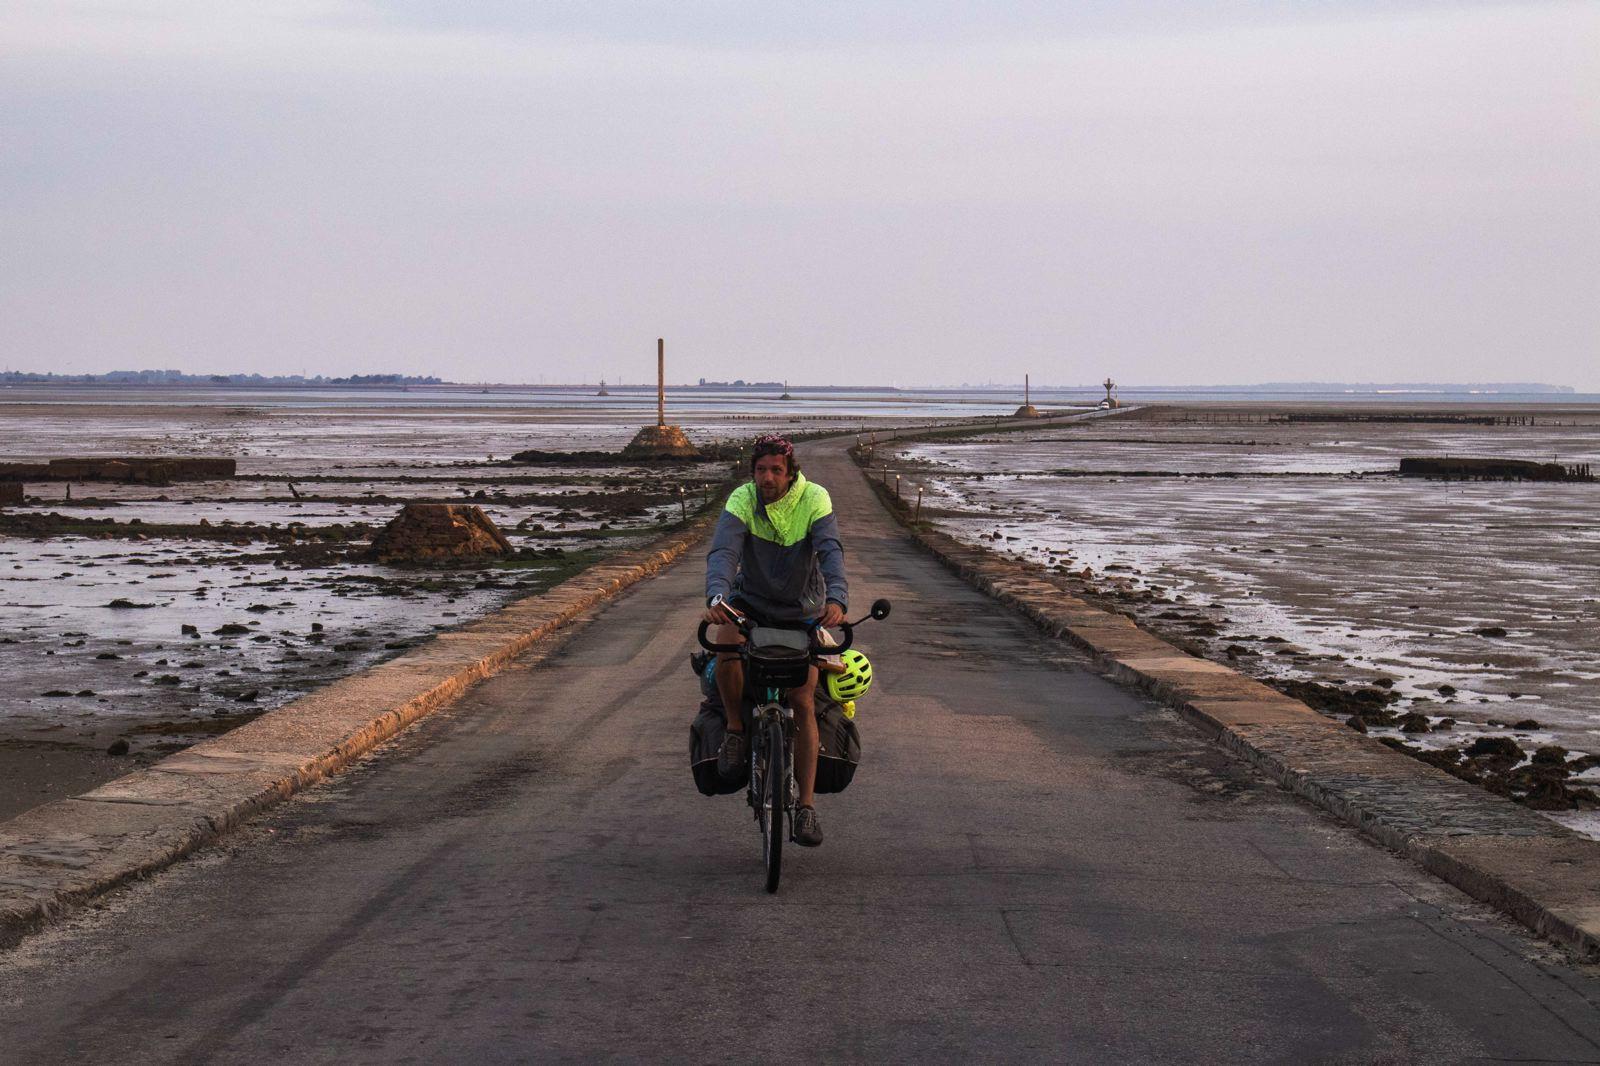 Vendée à vélo - passage du Gois sur la Vélodyssée